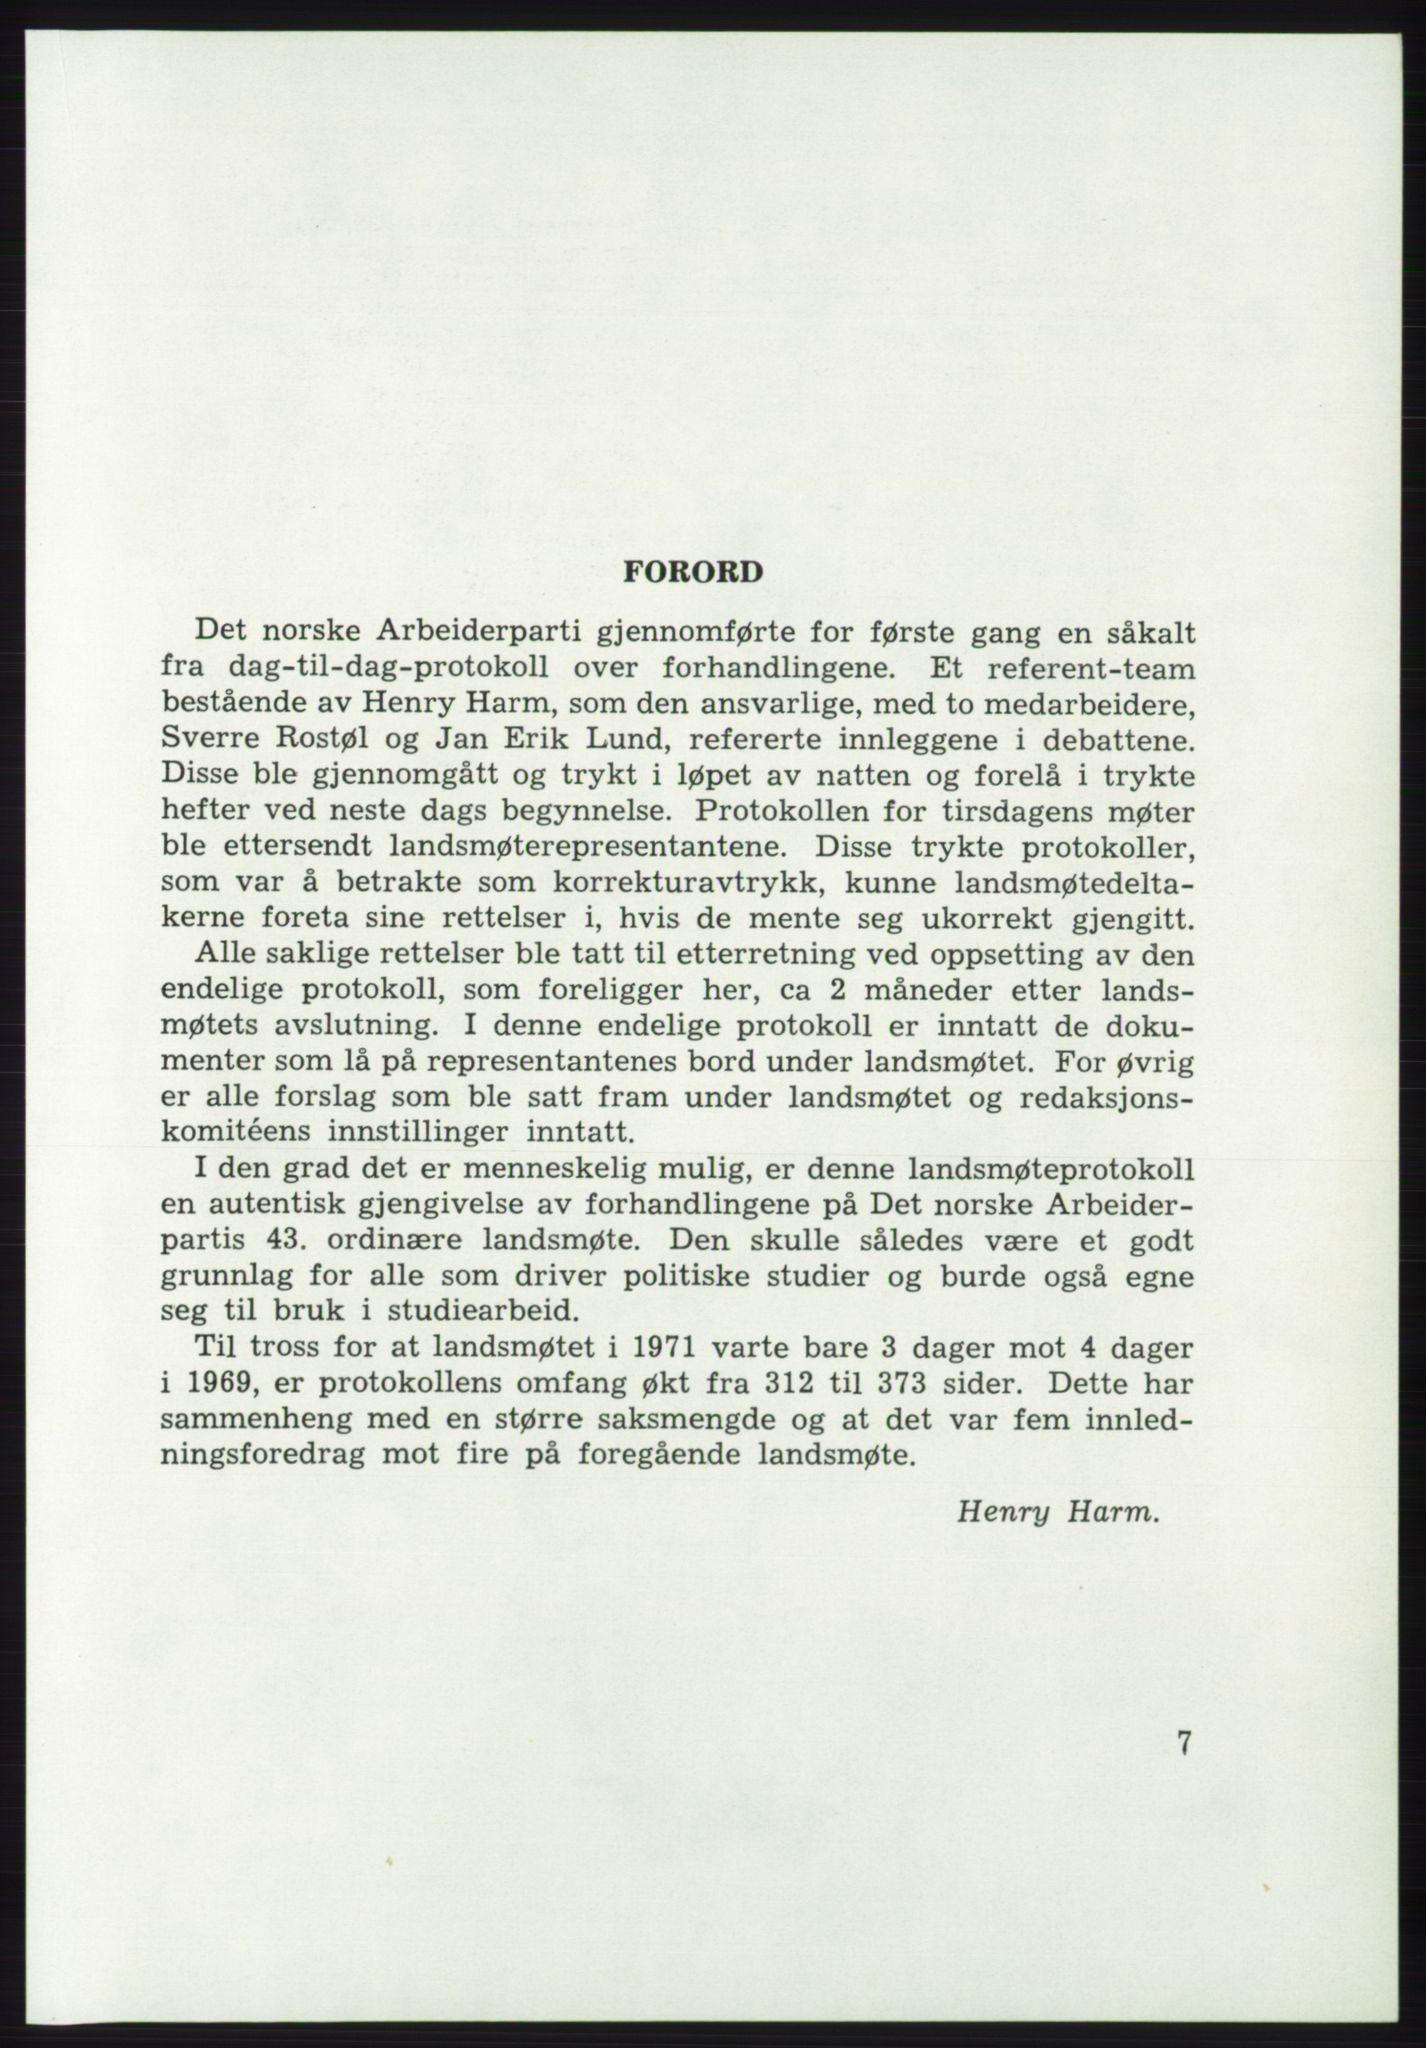 AAB, Det norske Arbeiderparti - publikasjoner, -/-: Protokoll over forhandlingene på det 43. ordinære landsmøte 9.-11. mai 1971 i Oslo, 1971, s. 7